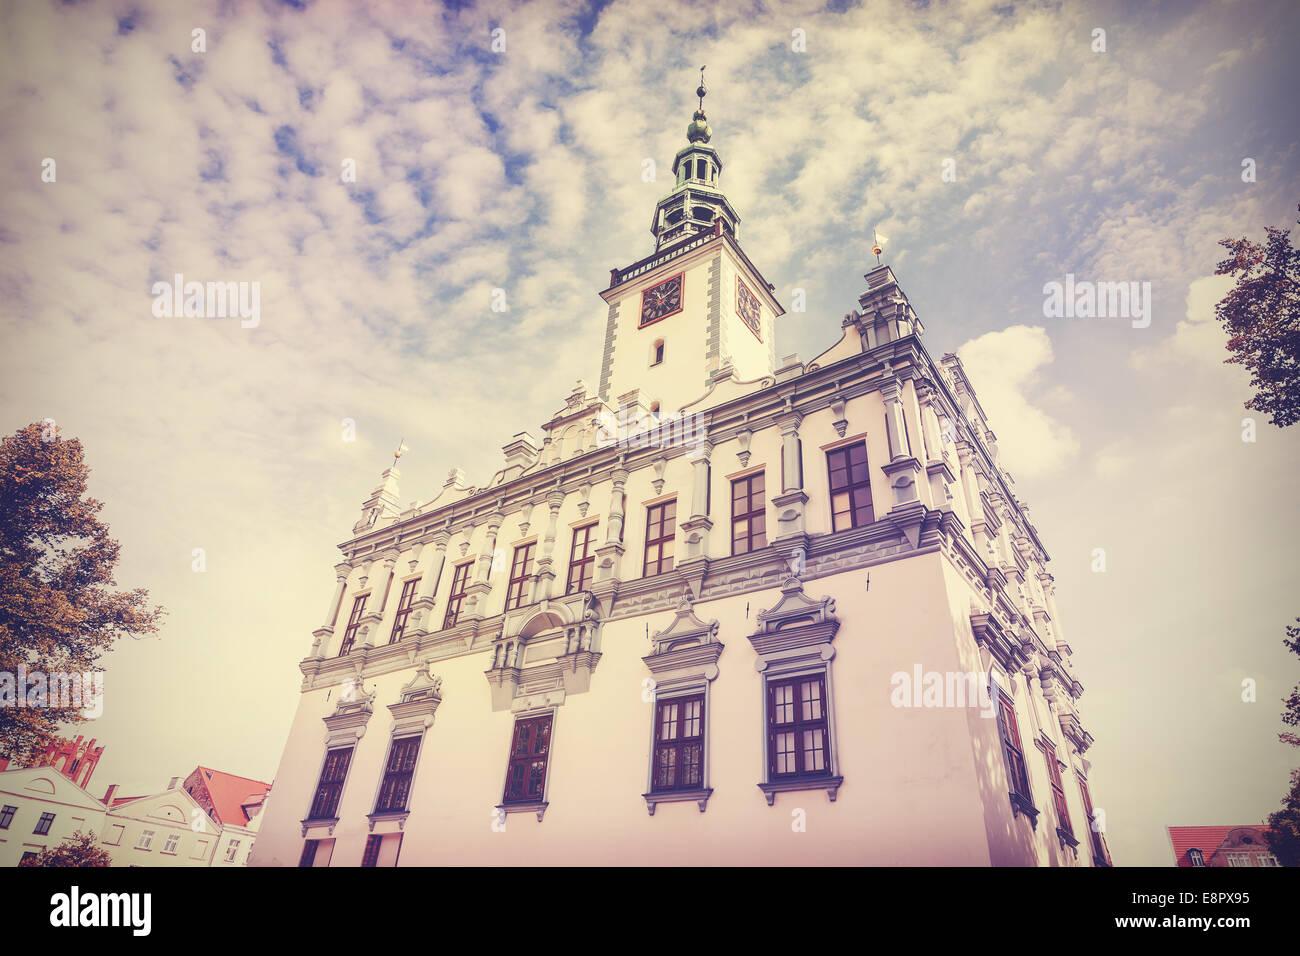 Vintage Retro foto filtrada del ayuntamiento en Chelmno, Polonia. Imagen De Stock